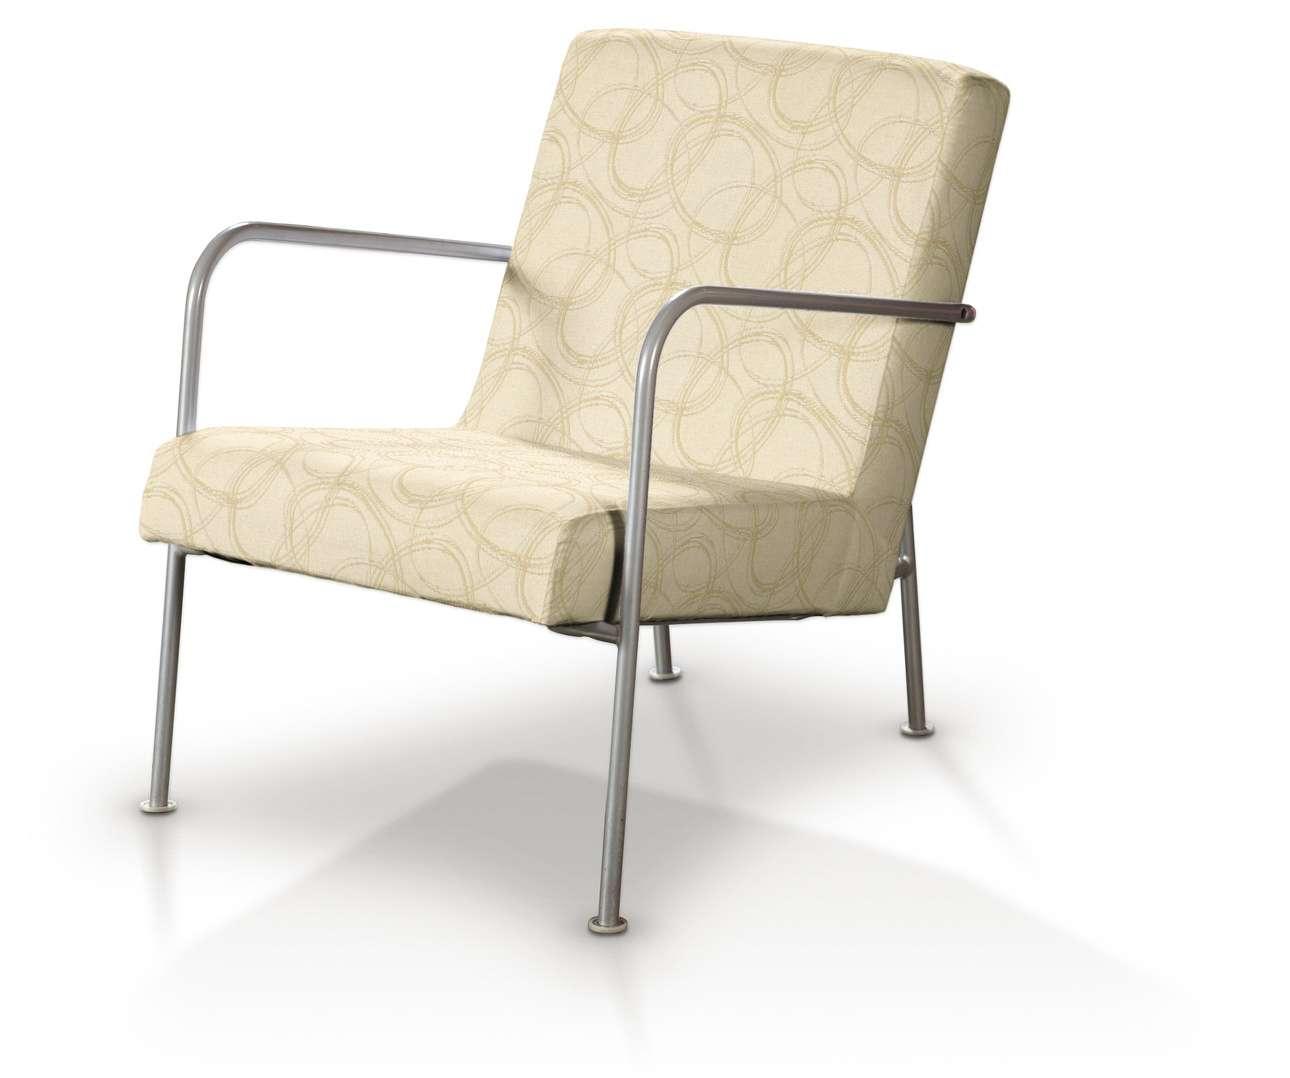 Bezug für Ikea PS Sessel von der Kollektion Living, Stoff: 161-81